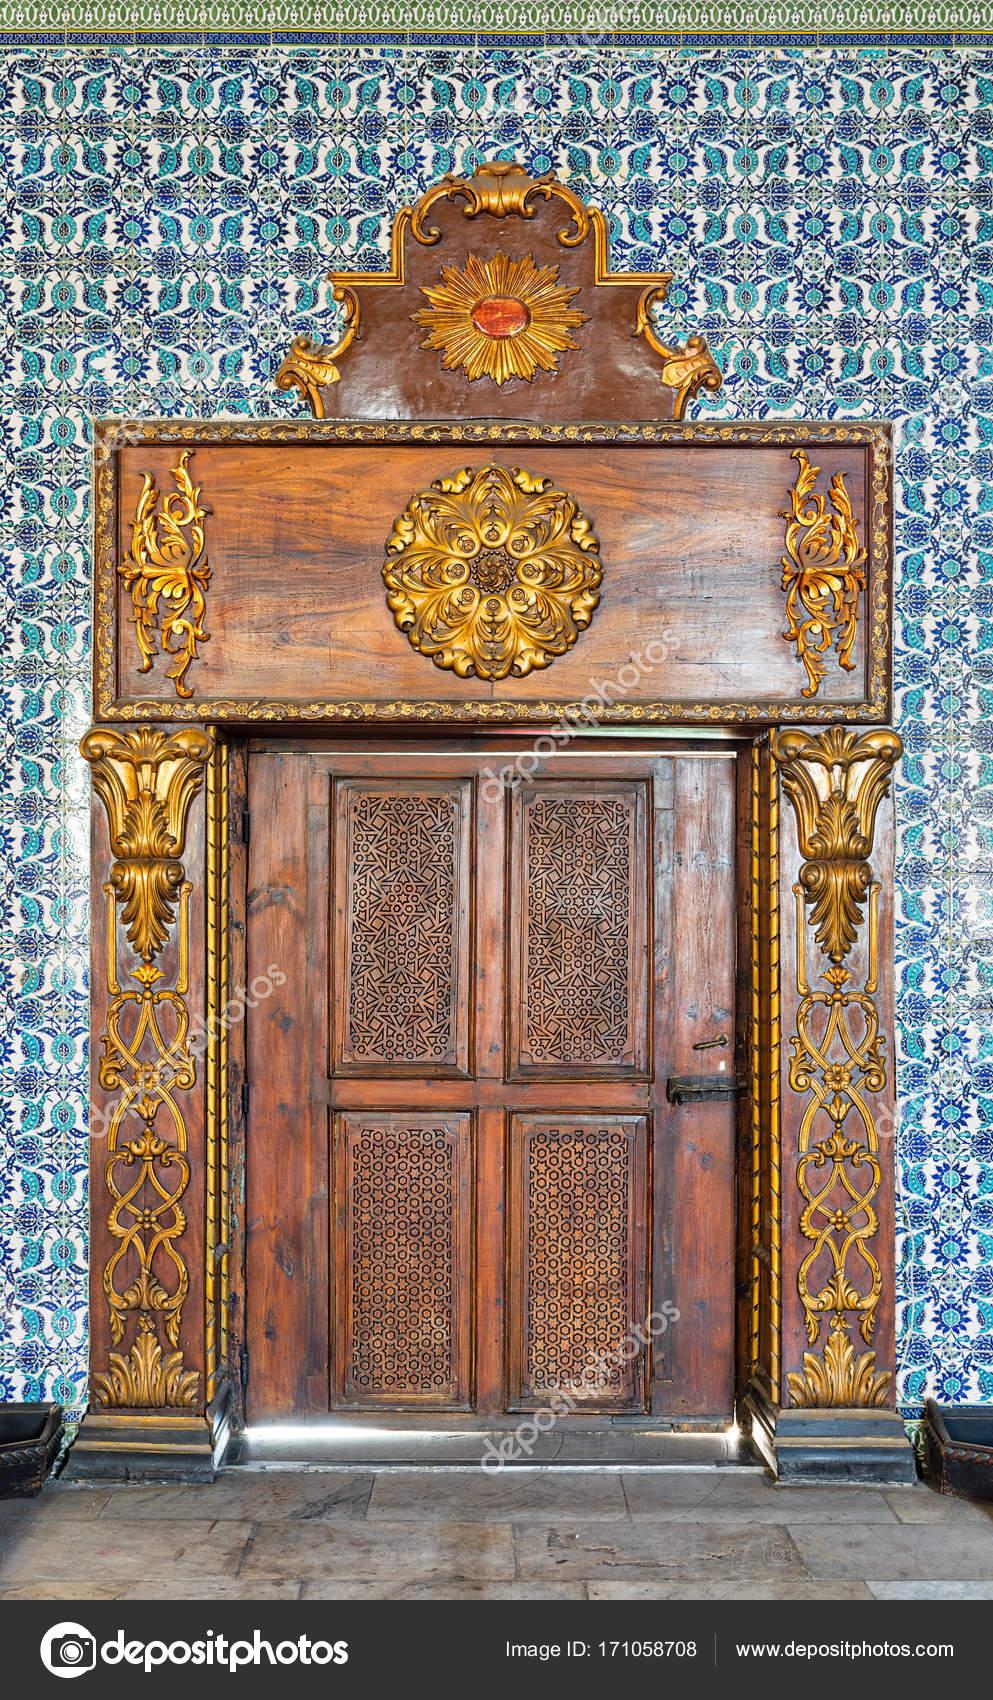 Gravierte Alte Holztür Umrahmt Von Goldenen Reich Verzierte - Fliesen auf türkisch